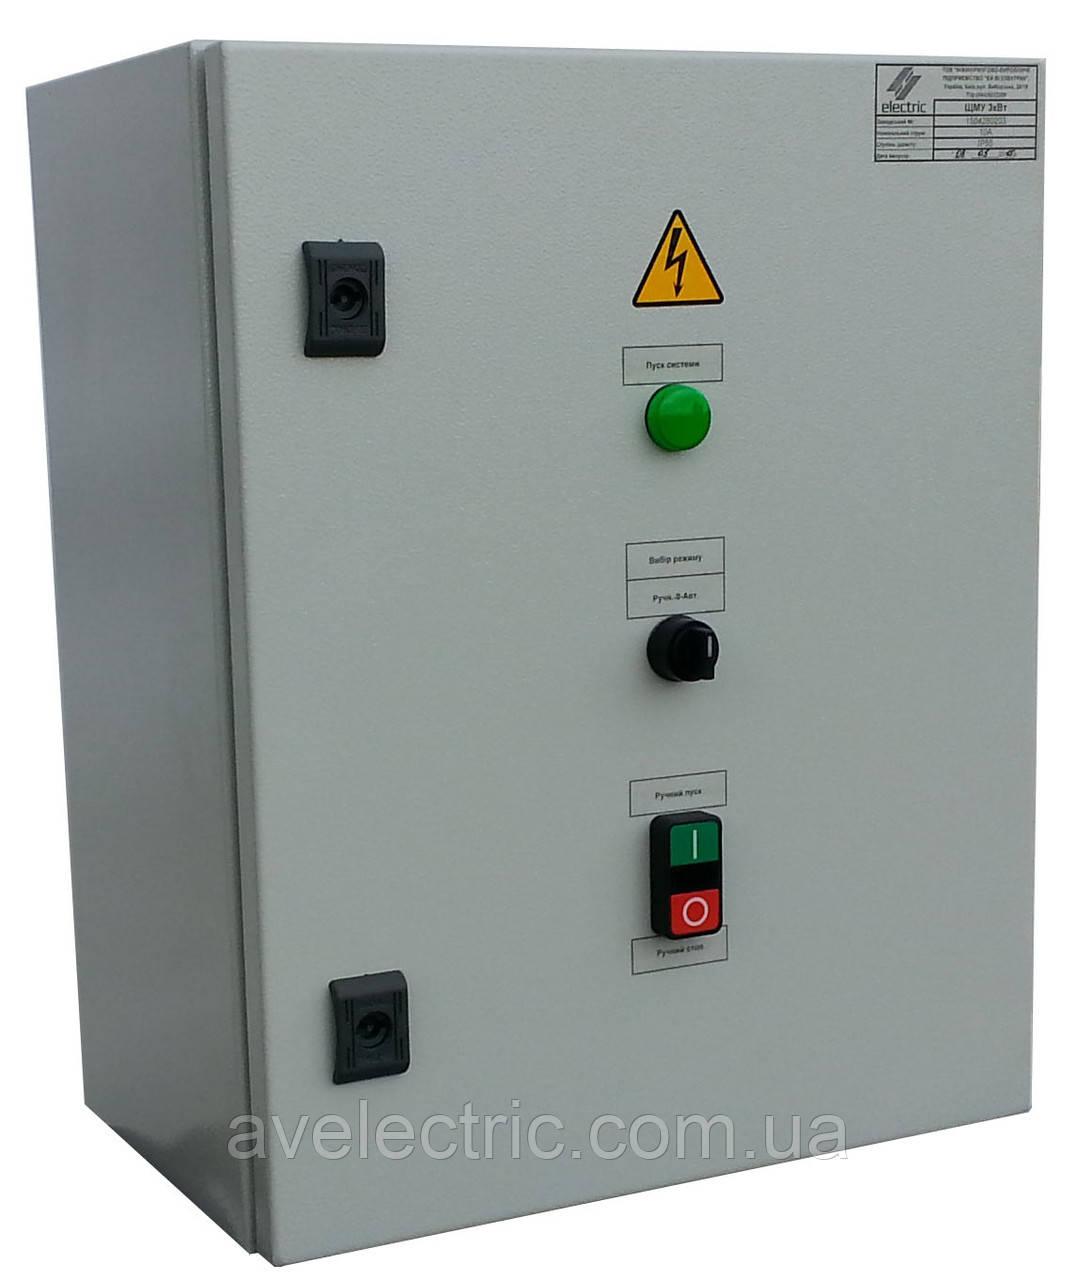 Ящик управления электродвигателем Я5110-1874-54У3